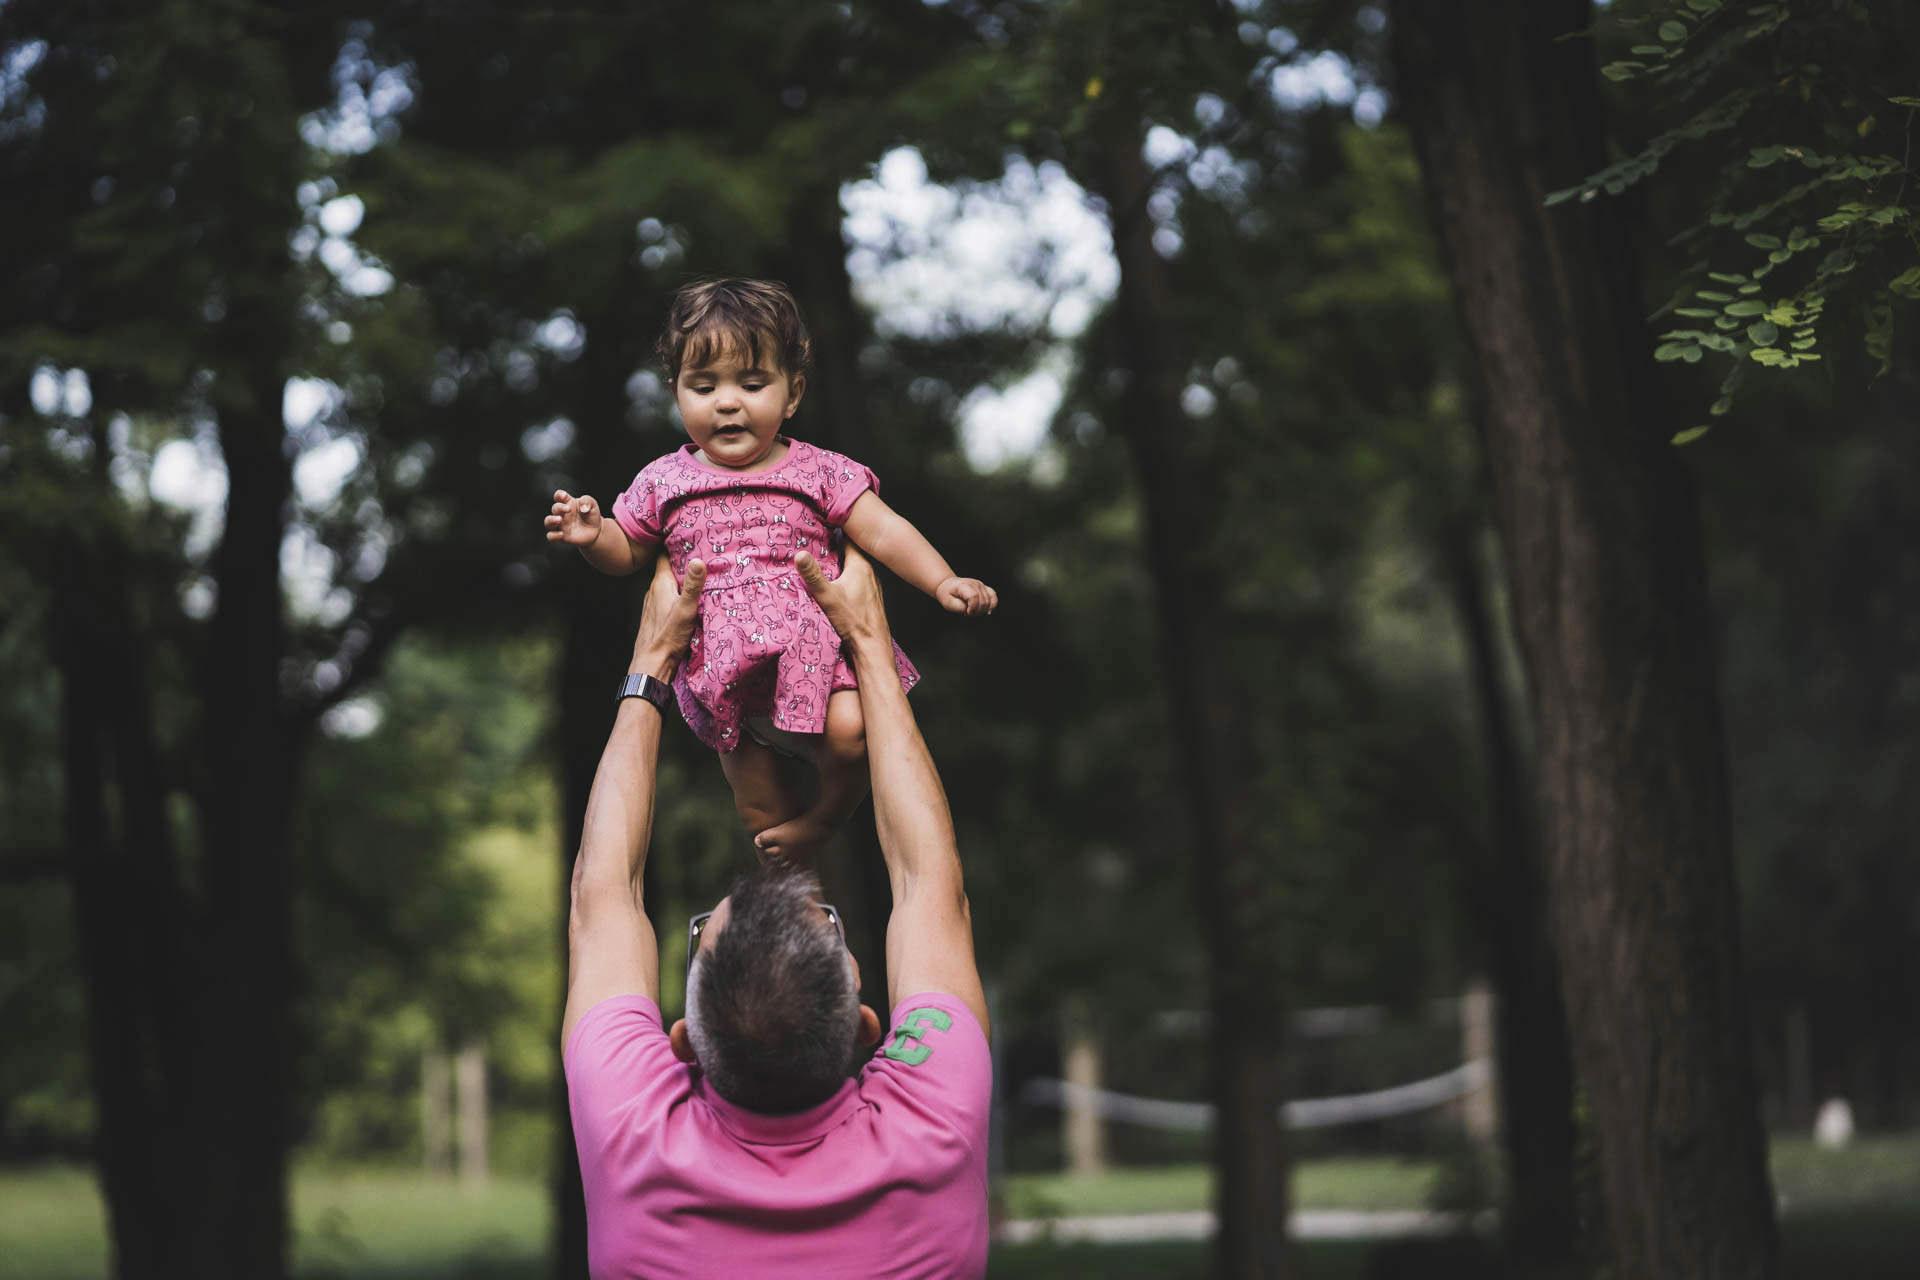 Servizio Fotografico Bambini e Famiglia a Venezia, Veneto. Ecco la piccola Greta. Michelino Studio, fotografo professionista per neonati, bambini e famiglia in Veneto. 007